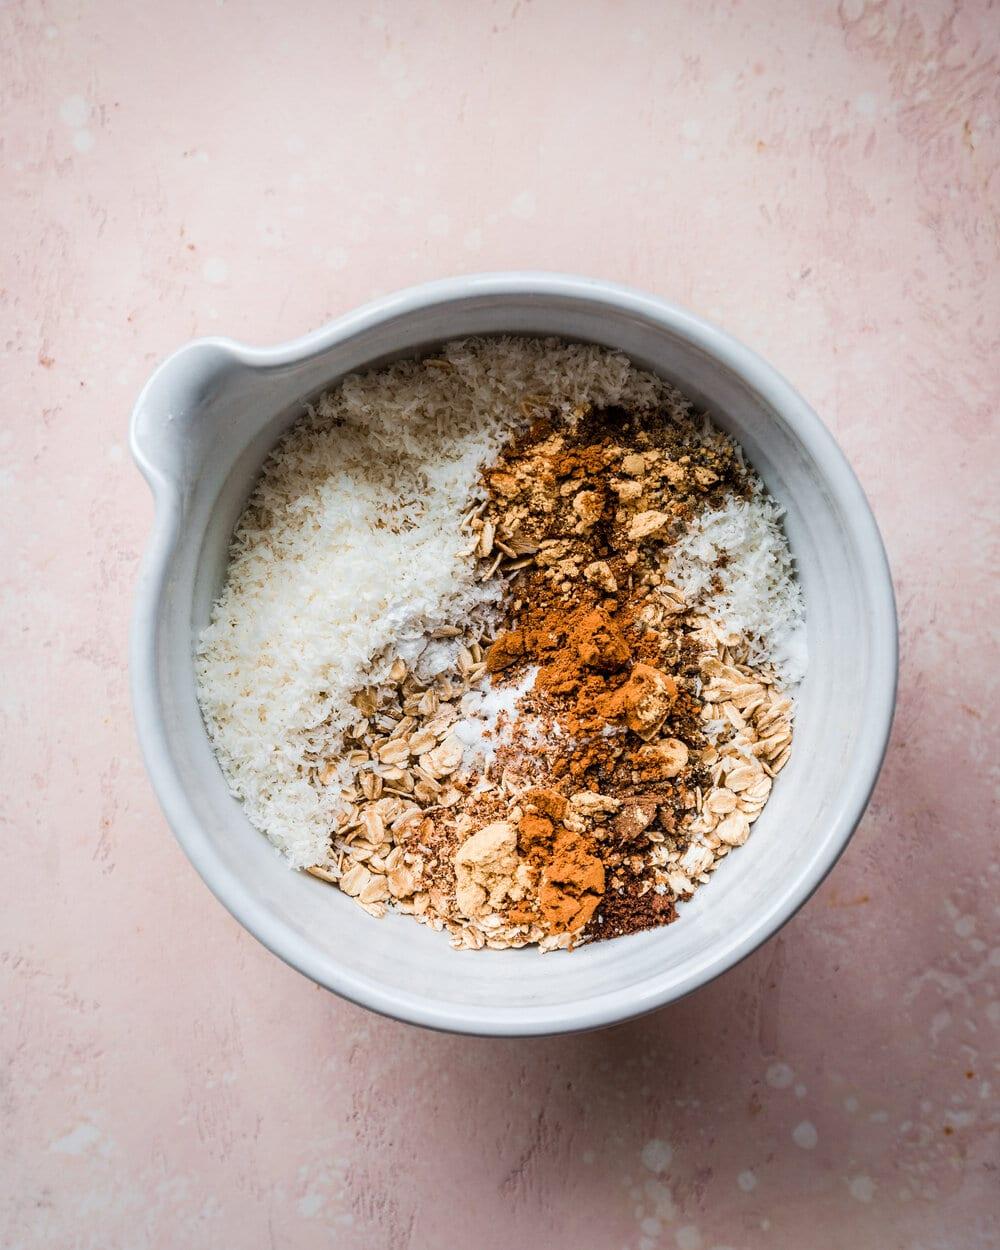 flour, baking powder, baking soda, and salt in bowl